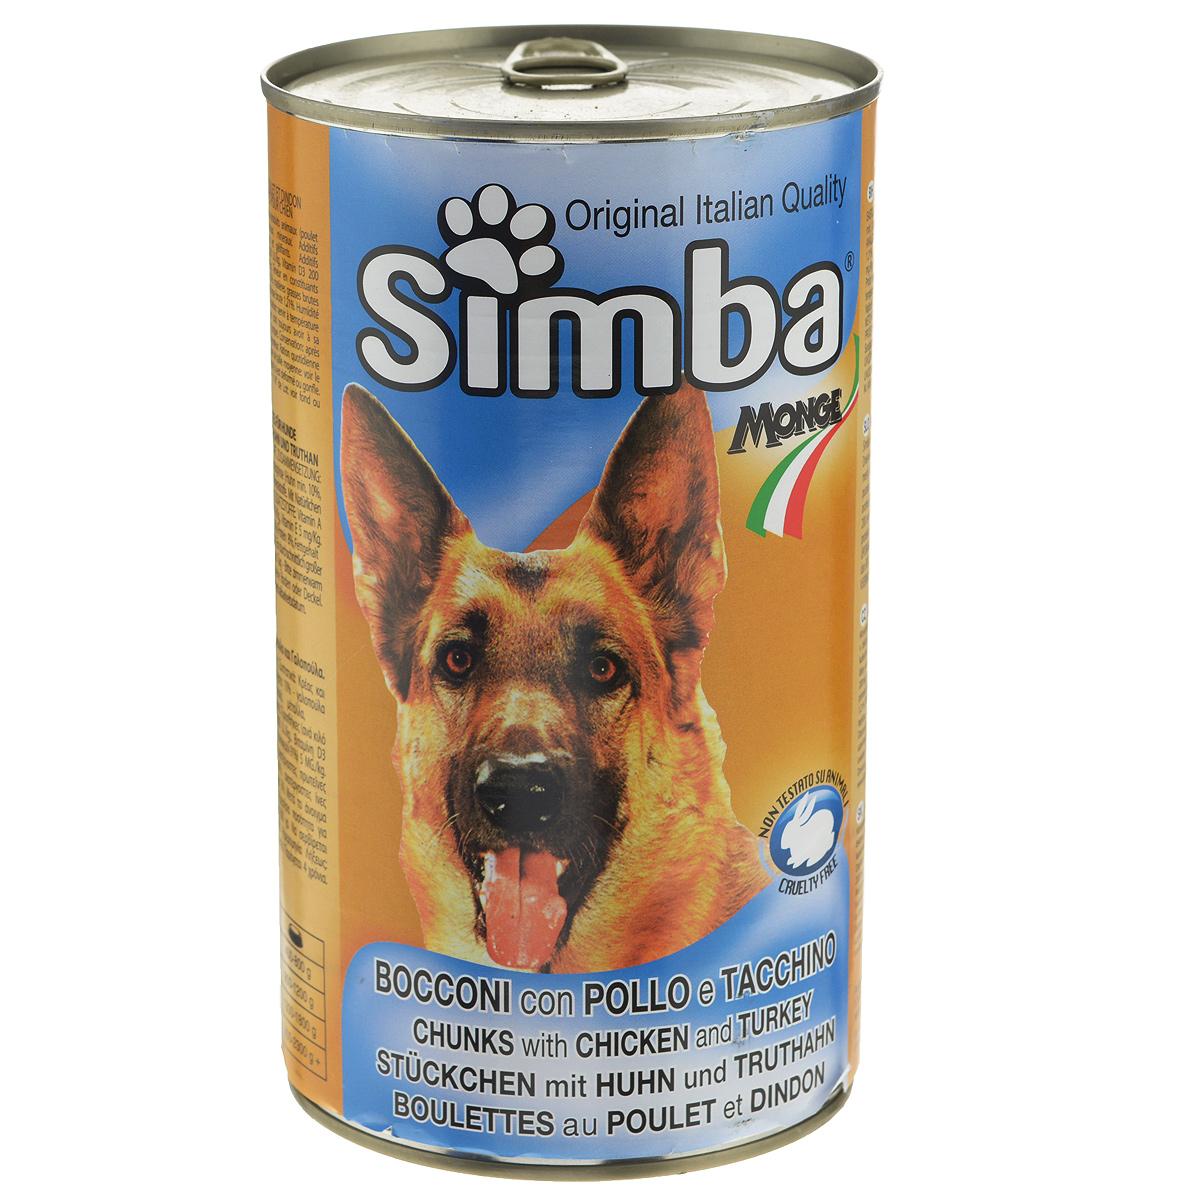 Консервы для собак Monge Simba, кусочки с курицей и индейкой, 1230 г0120710Консервы для собак Monge Simba - это полноценный сбалансированный корм для собак. Кусочки с курицей и индейкой в соусе. Ежедневная норма для собаки среднего размера - 800 г.Состав: мясо домашней птицы и мясные субпродукты (цыпленок не менее 14%, индейка не менее 10%), злаки, минеральные вещества, витамины, натуральные красители и вкусовые добавки. Анализ компонентов: протеин 8%, жир 6%, клетчатка 1,21%, зола 3%, влажность 80%.Витамины и добавки на 1 кг: витамин А 2000 МЕ, витамин D3 200 МЕ, витамин Е 5 мг. Товар сертифицирован.